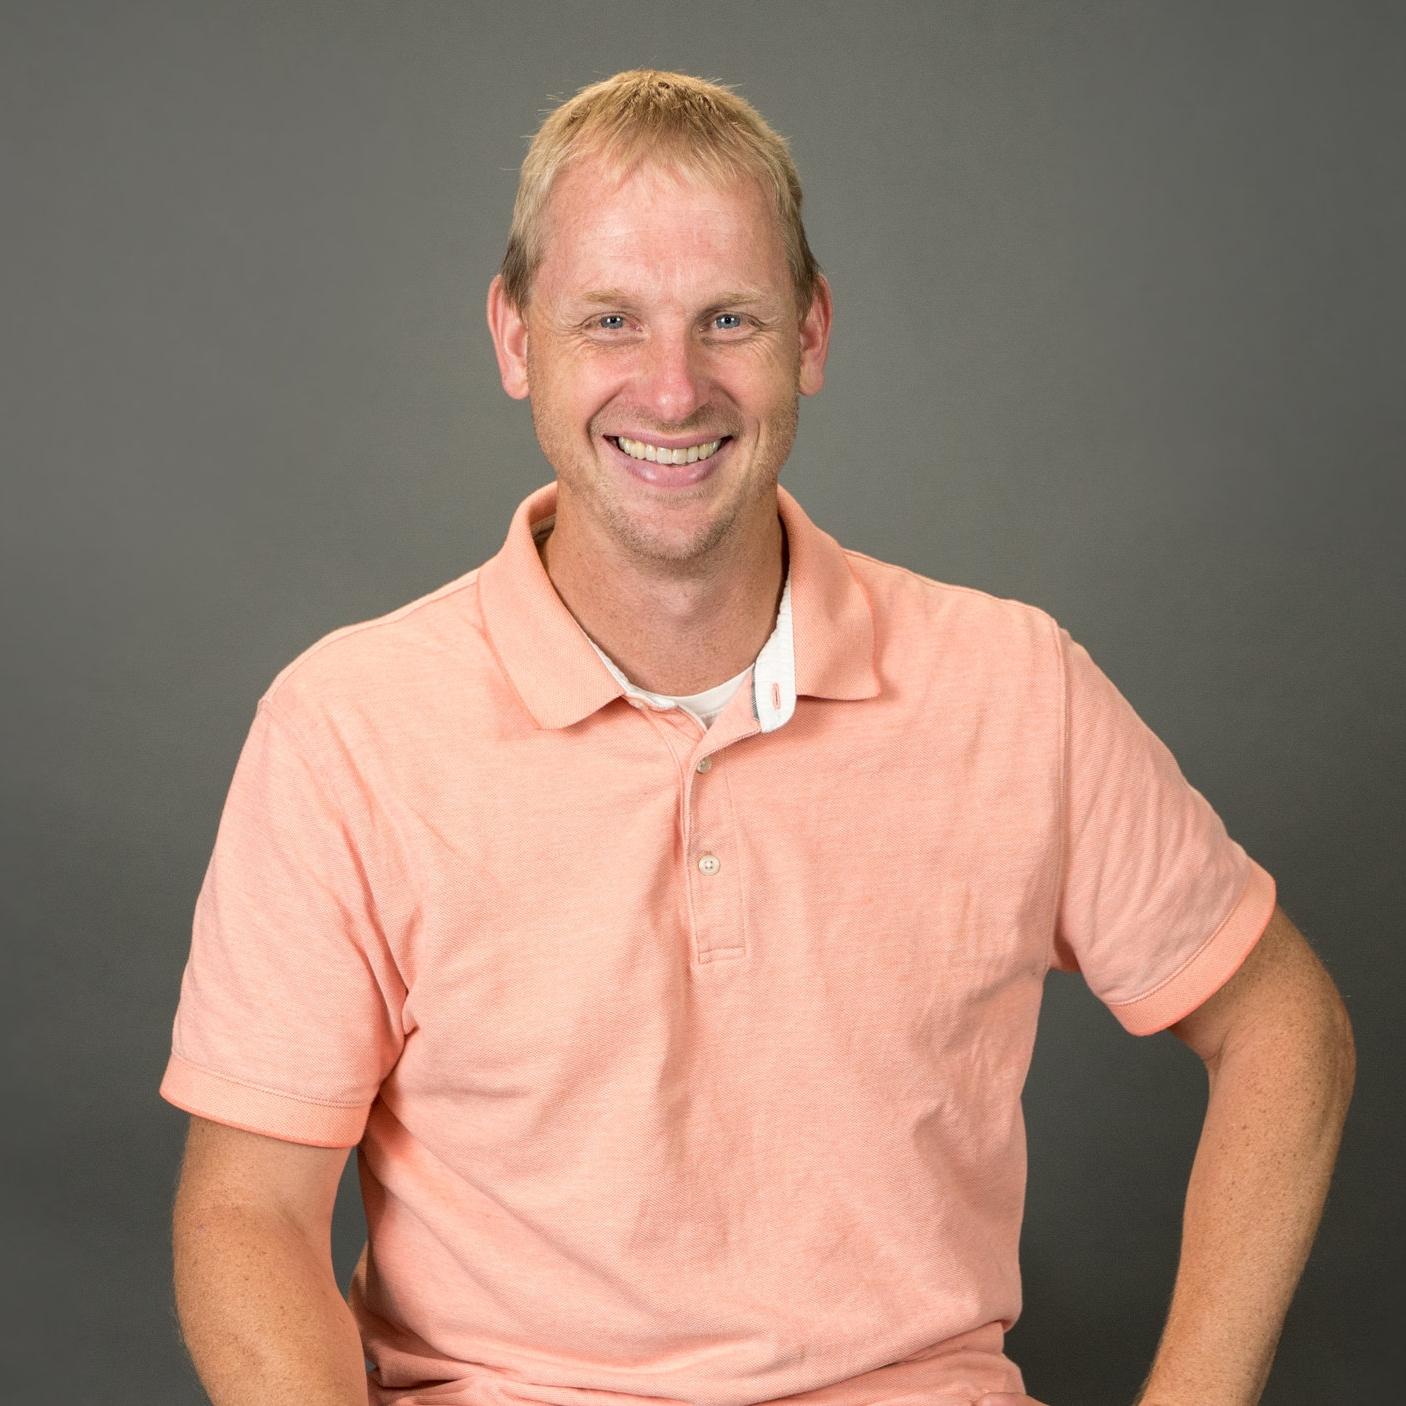 Scott Bixby - Executive Pastorsbixby@northridgerochester.com